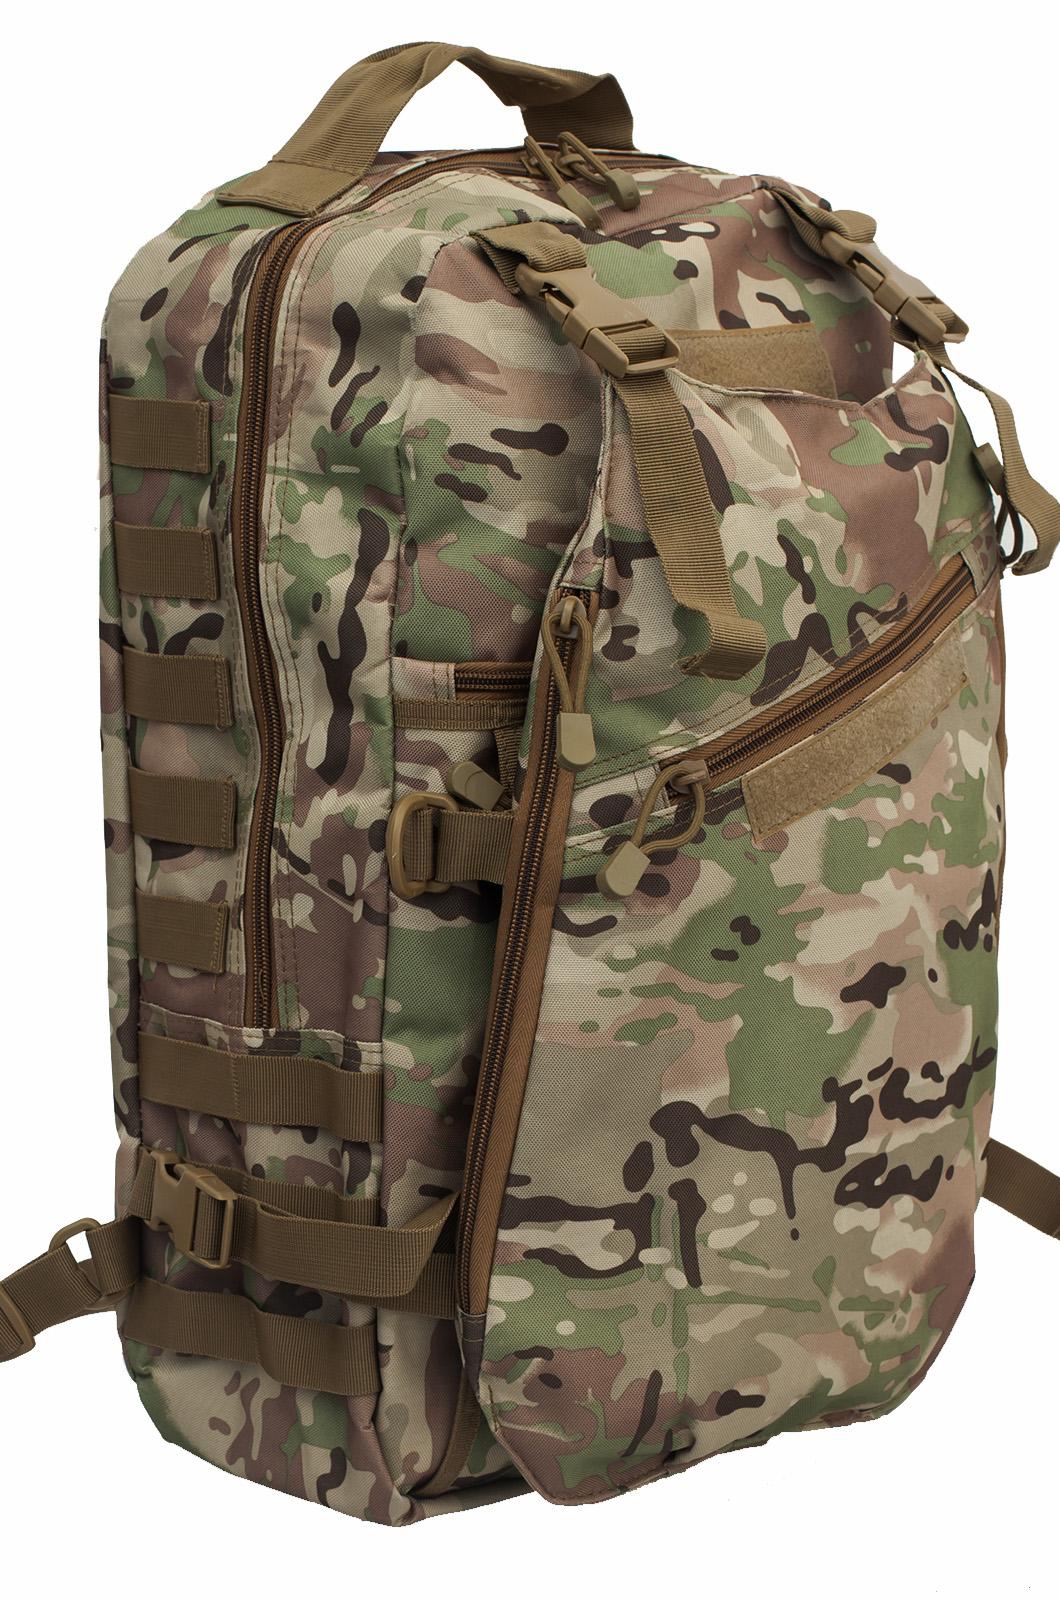 Купить рейдовый рюкзак камуфляж Multicam